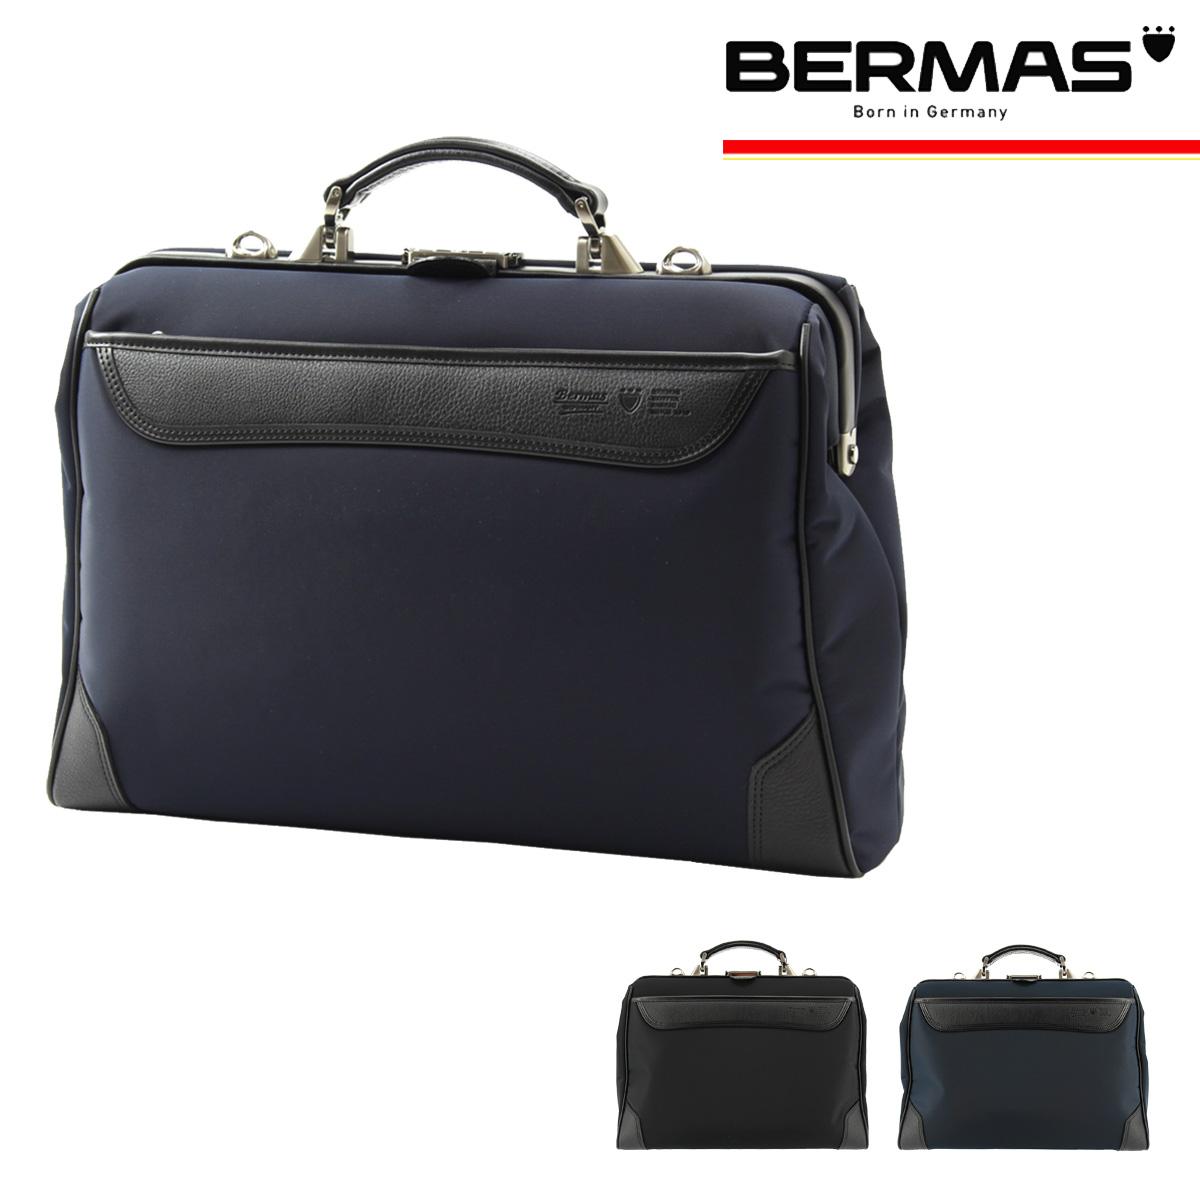 バーマス ブリーフケース 2WAY A4 鍵付 ファース メンズ 60031 BERMAS | ビジネスバッグ ビジネスリュック ナイロン 日本製